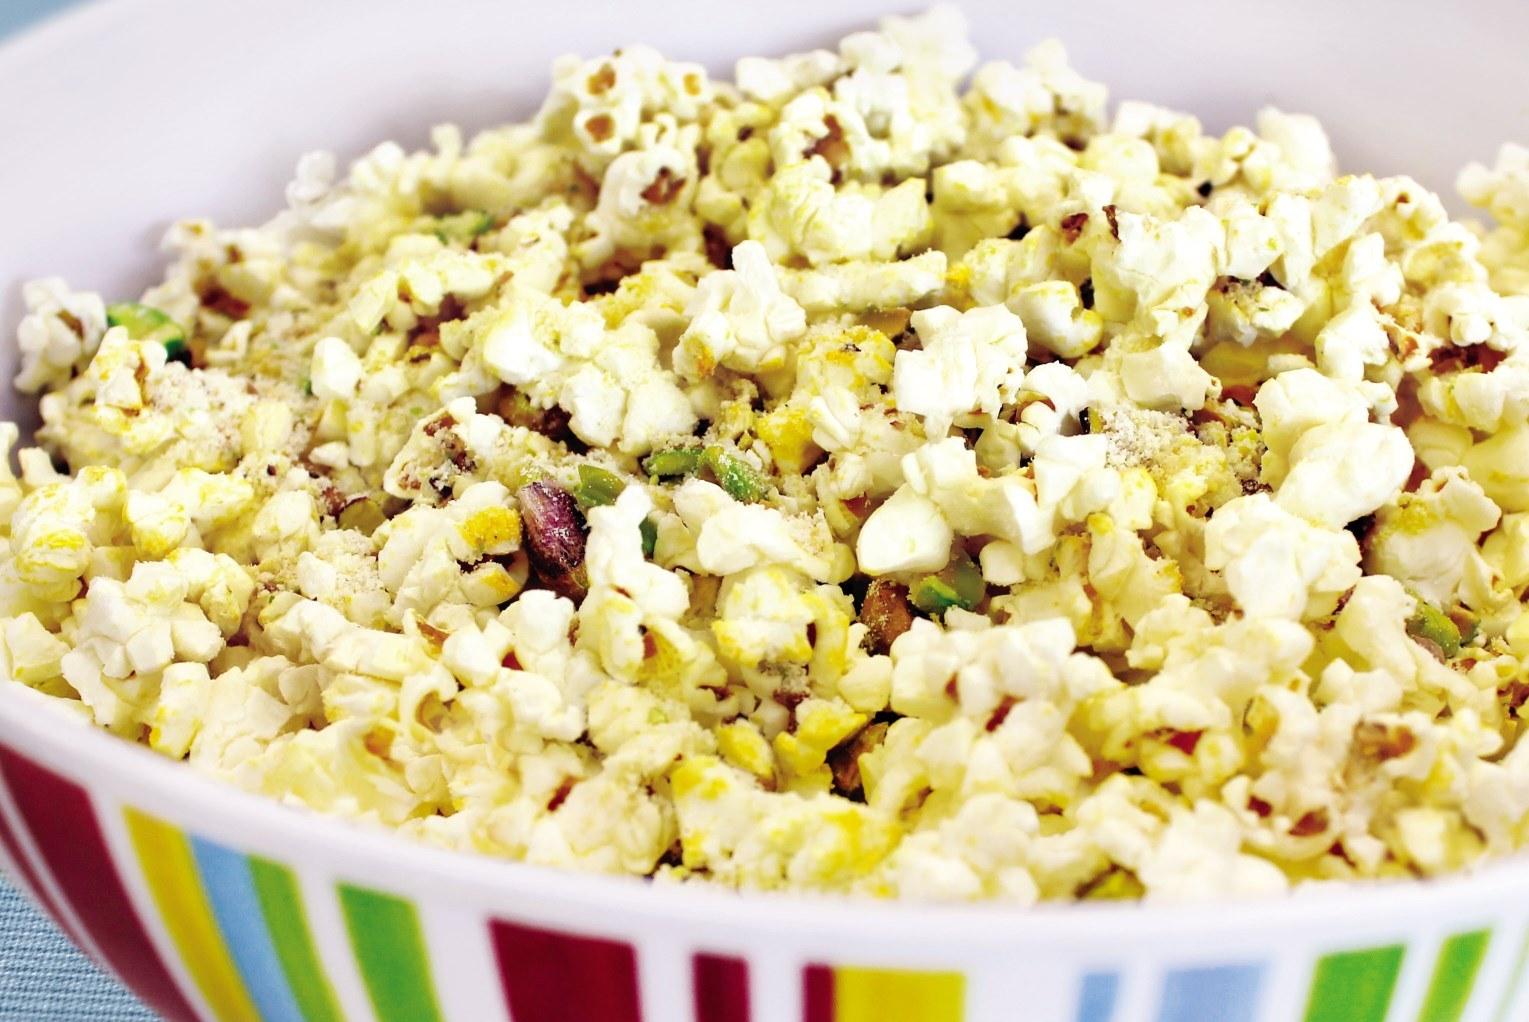 Lemon parmesan popcorn with pistachios in a bowl.